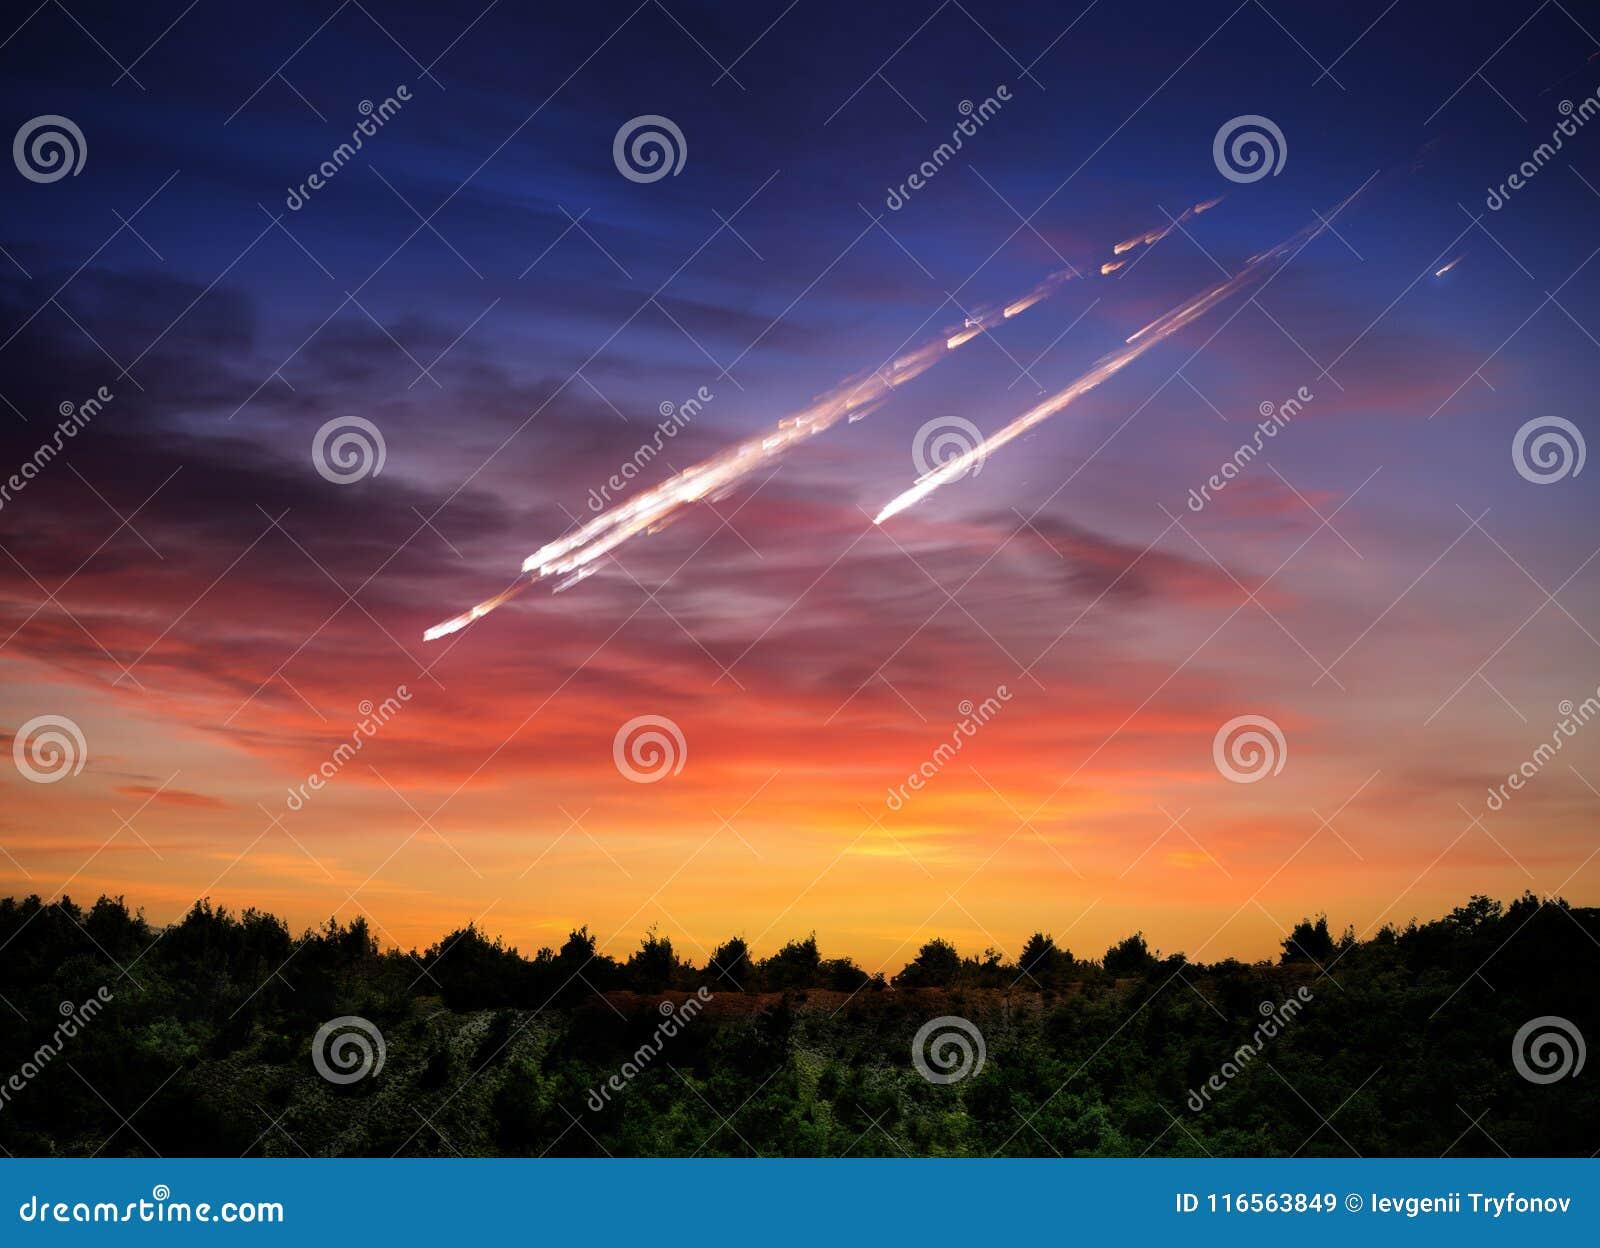 Météorite en baisse, asteroïde, comète sur terre Éléments de cet im